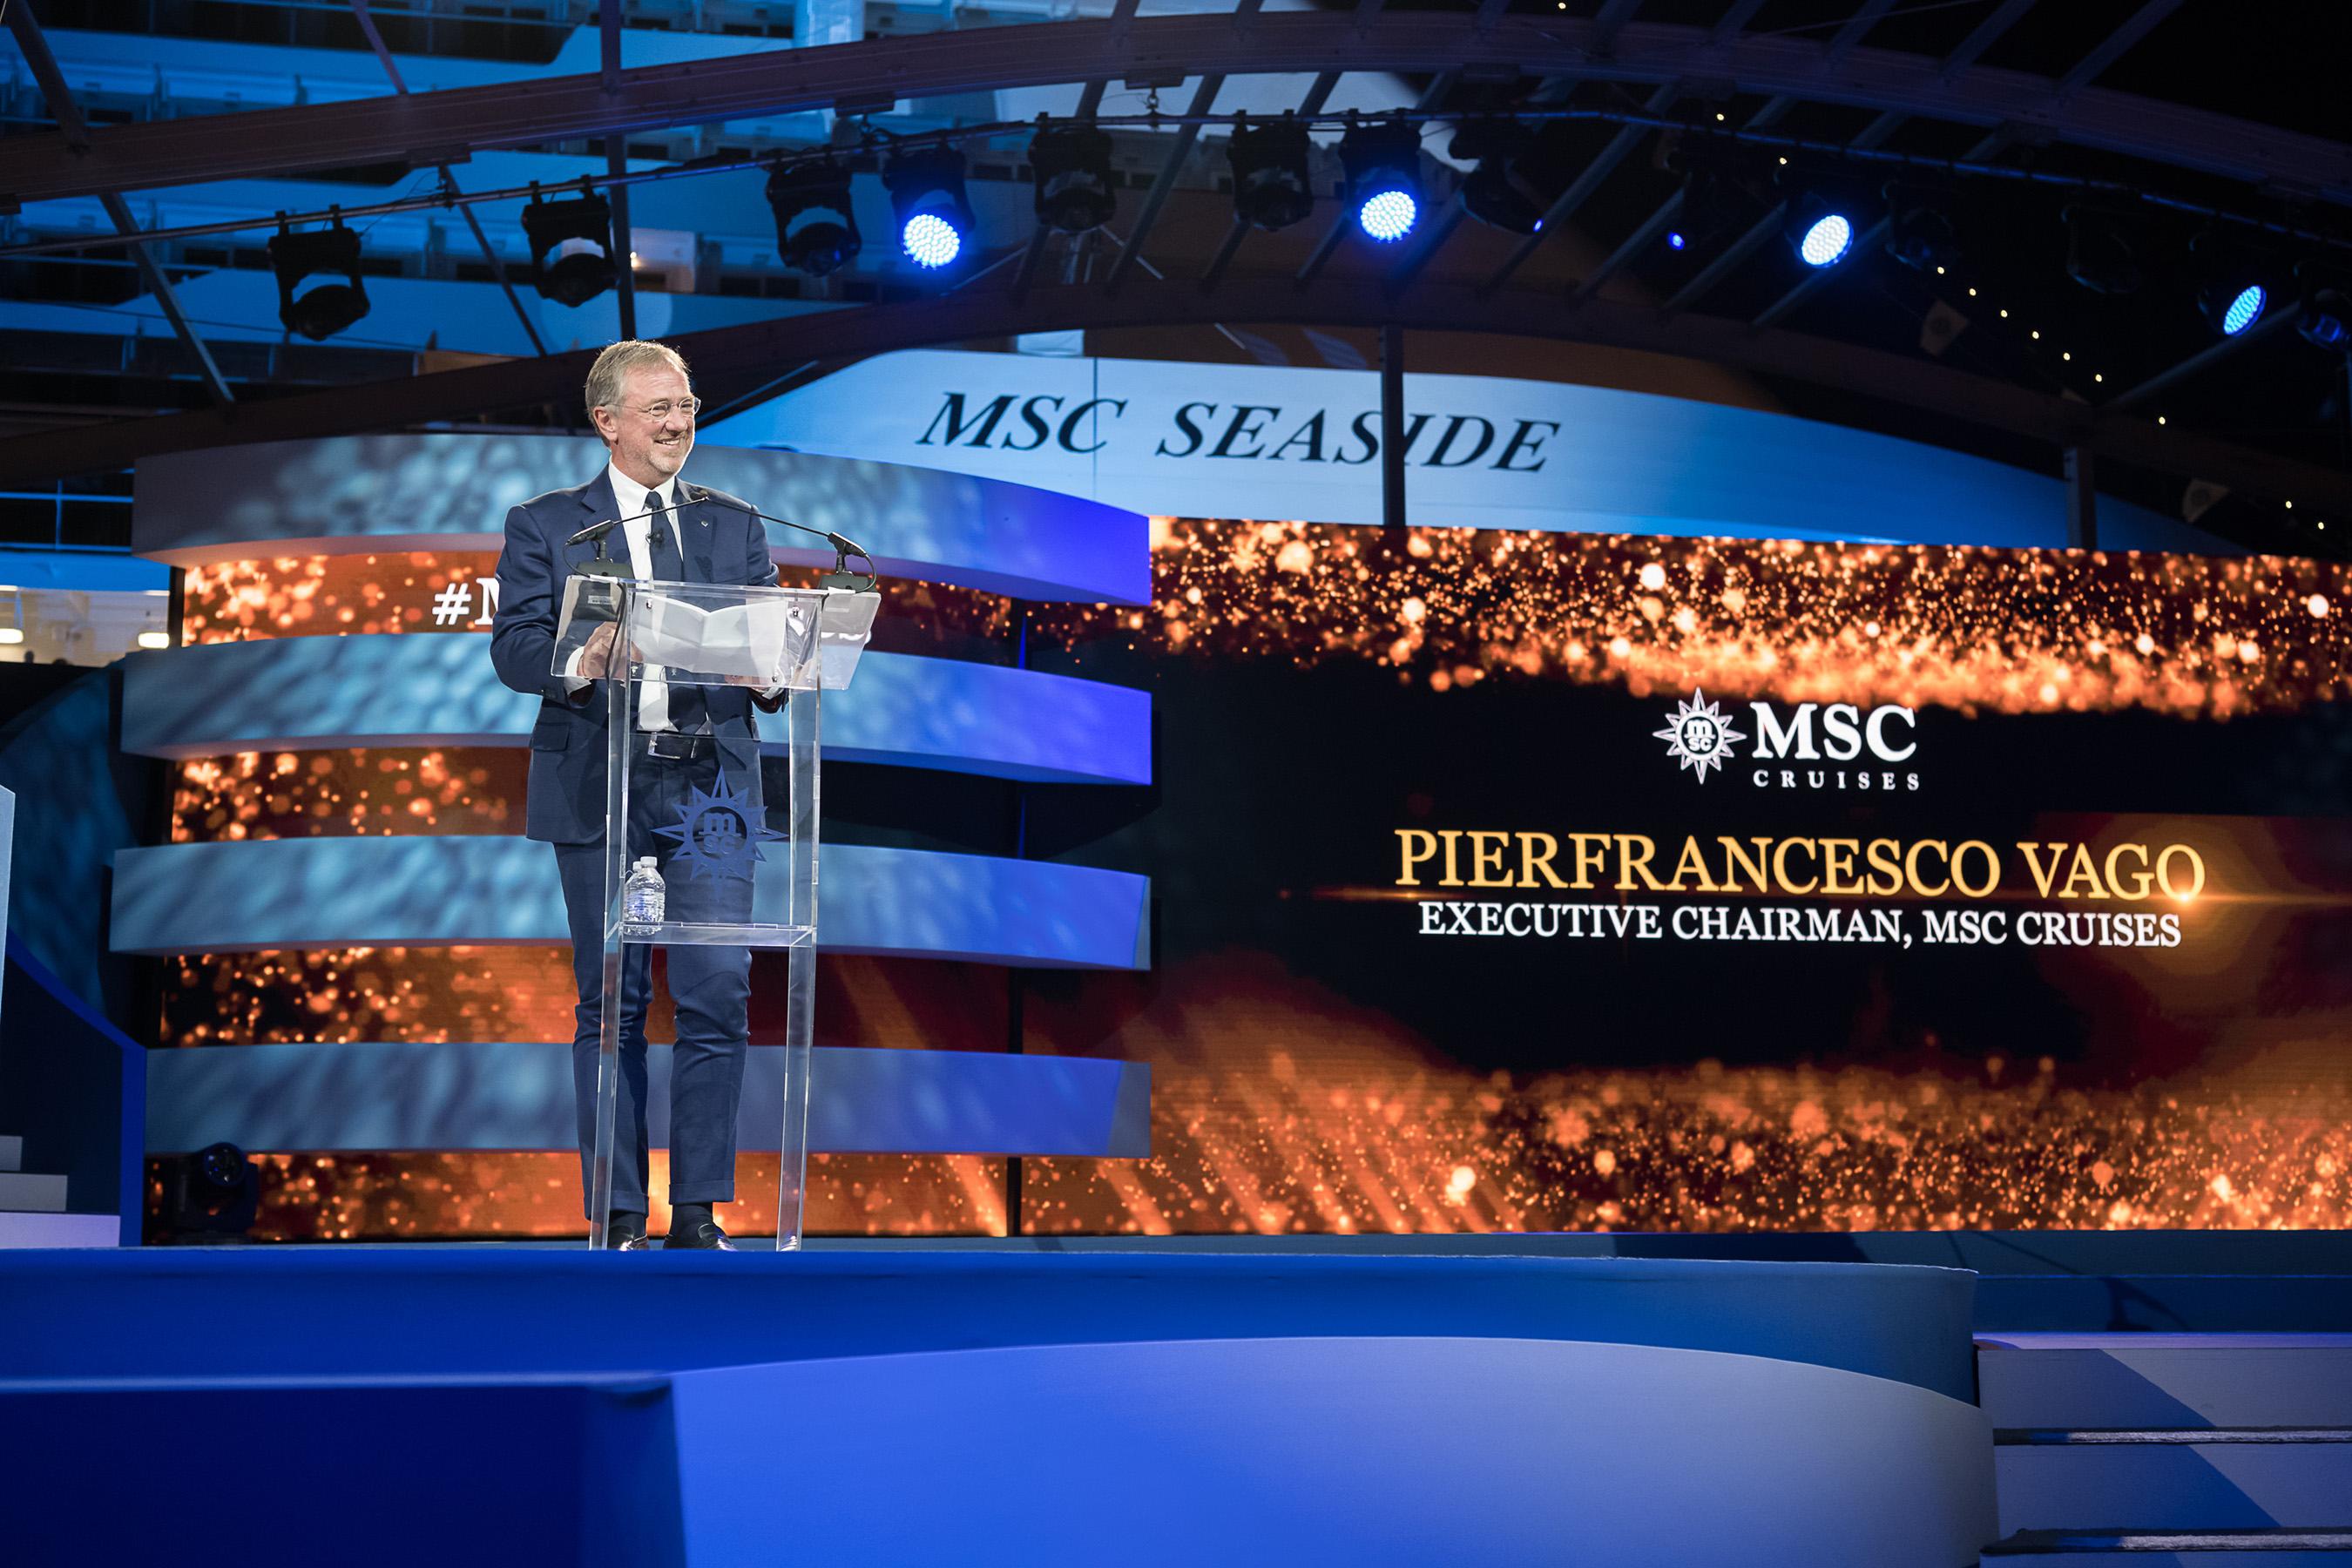 Pierfrancesco Vago, Executive Chairman, Introduces New MSC Seaside to Miami.